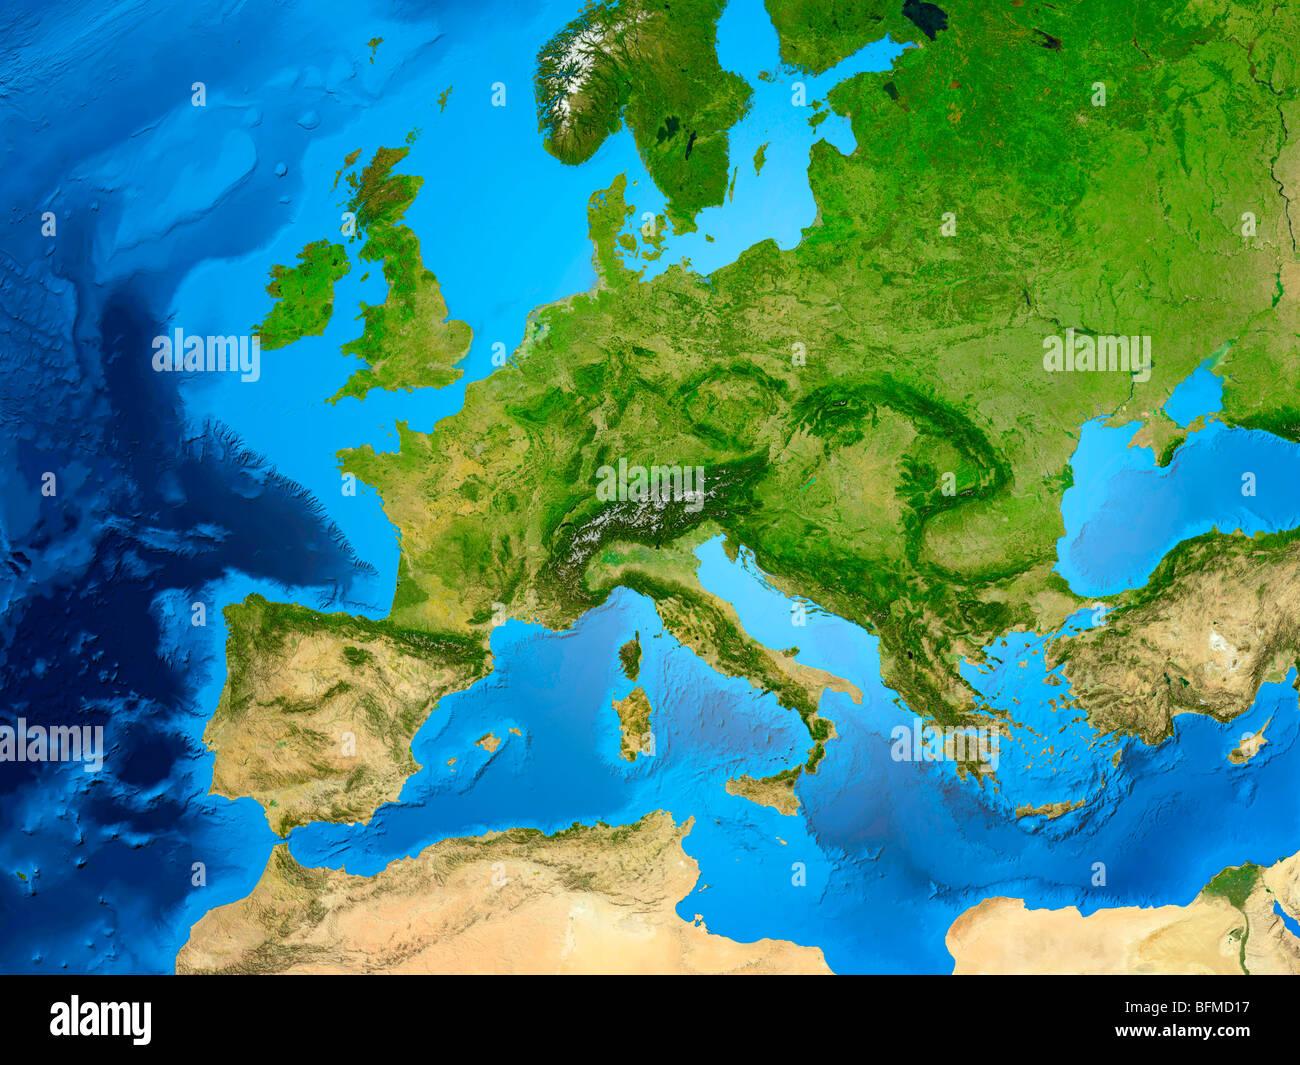 Blick auf die Erdkugel aus dem Weltraum zeigt europäische Kontinent Stockbild